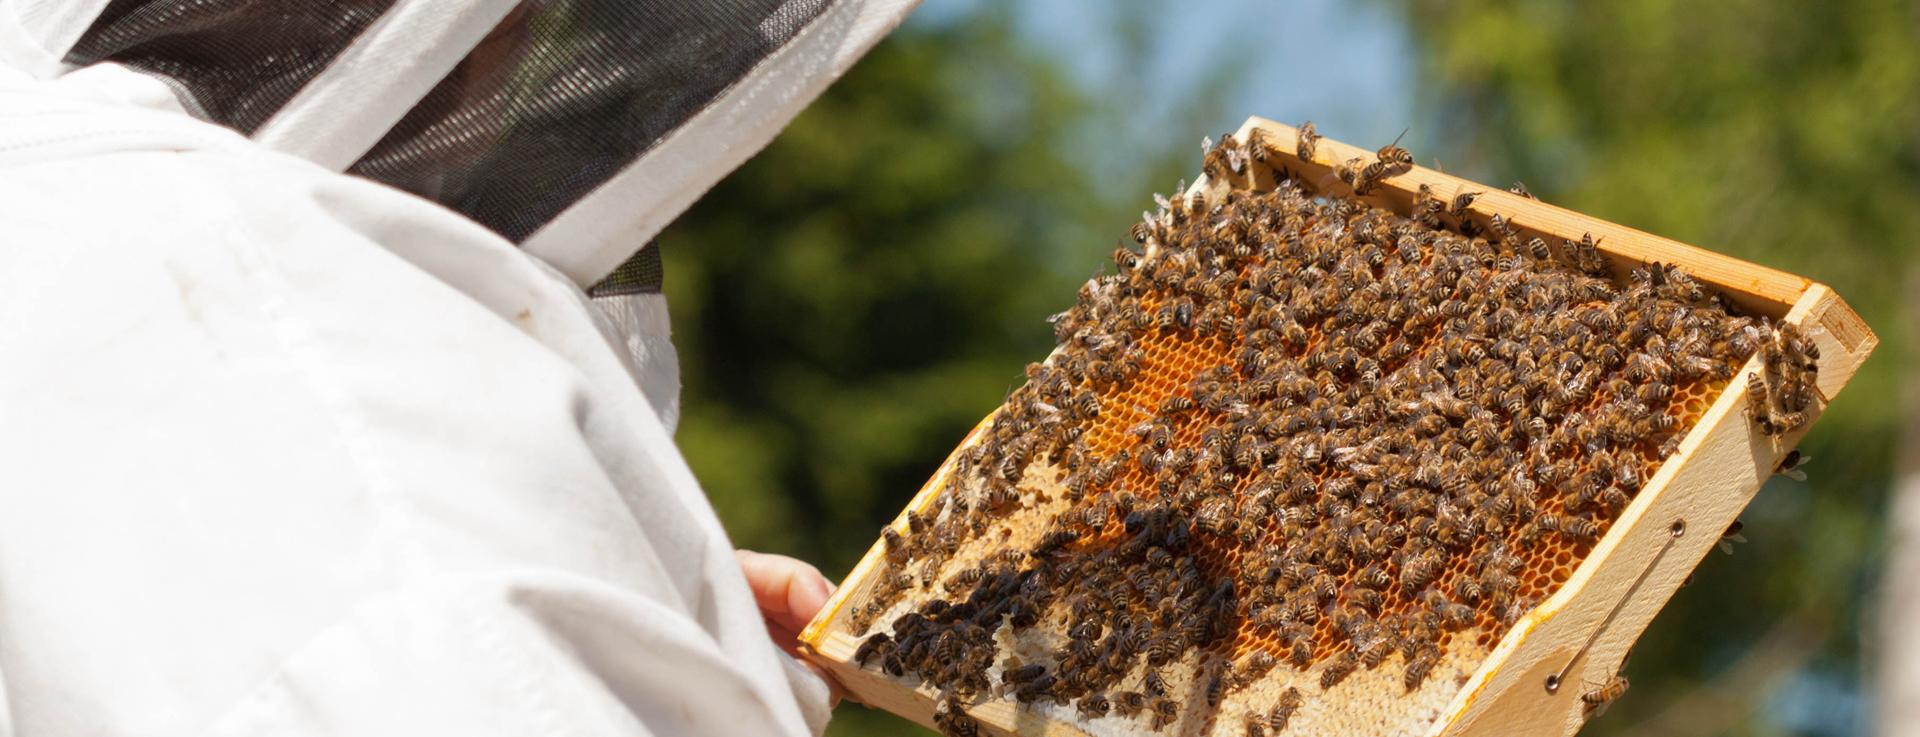 Durchsicht unserer Bienenvölker